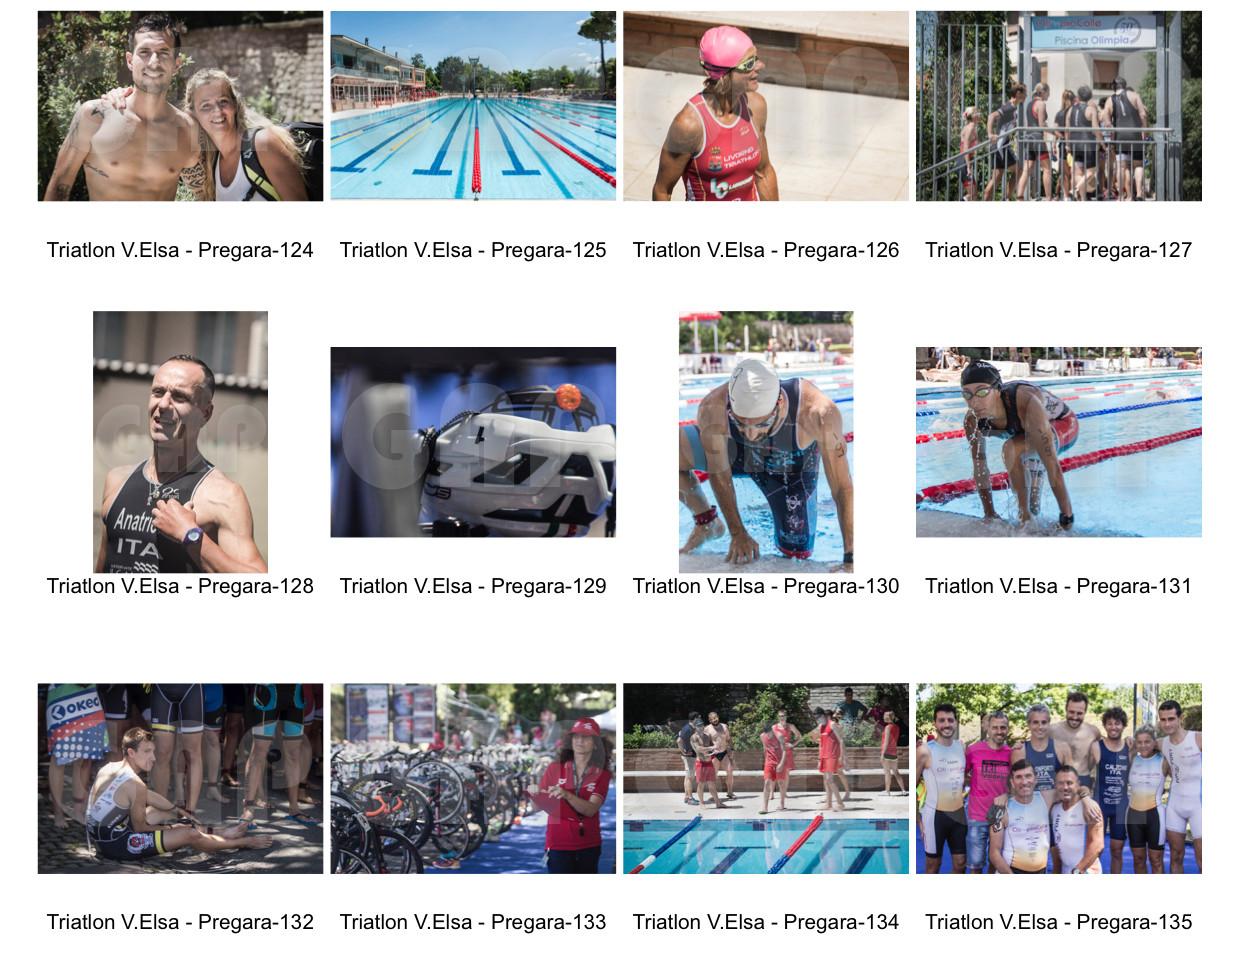 Triathlon V.Elsa - Pregara-7.jpg